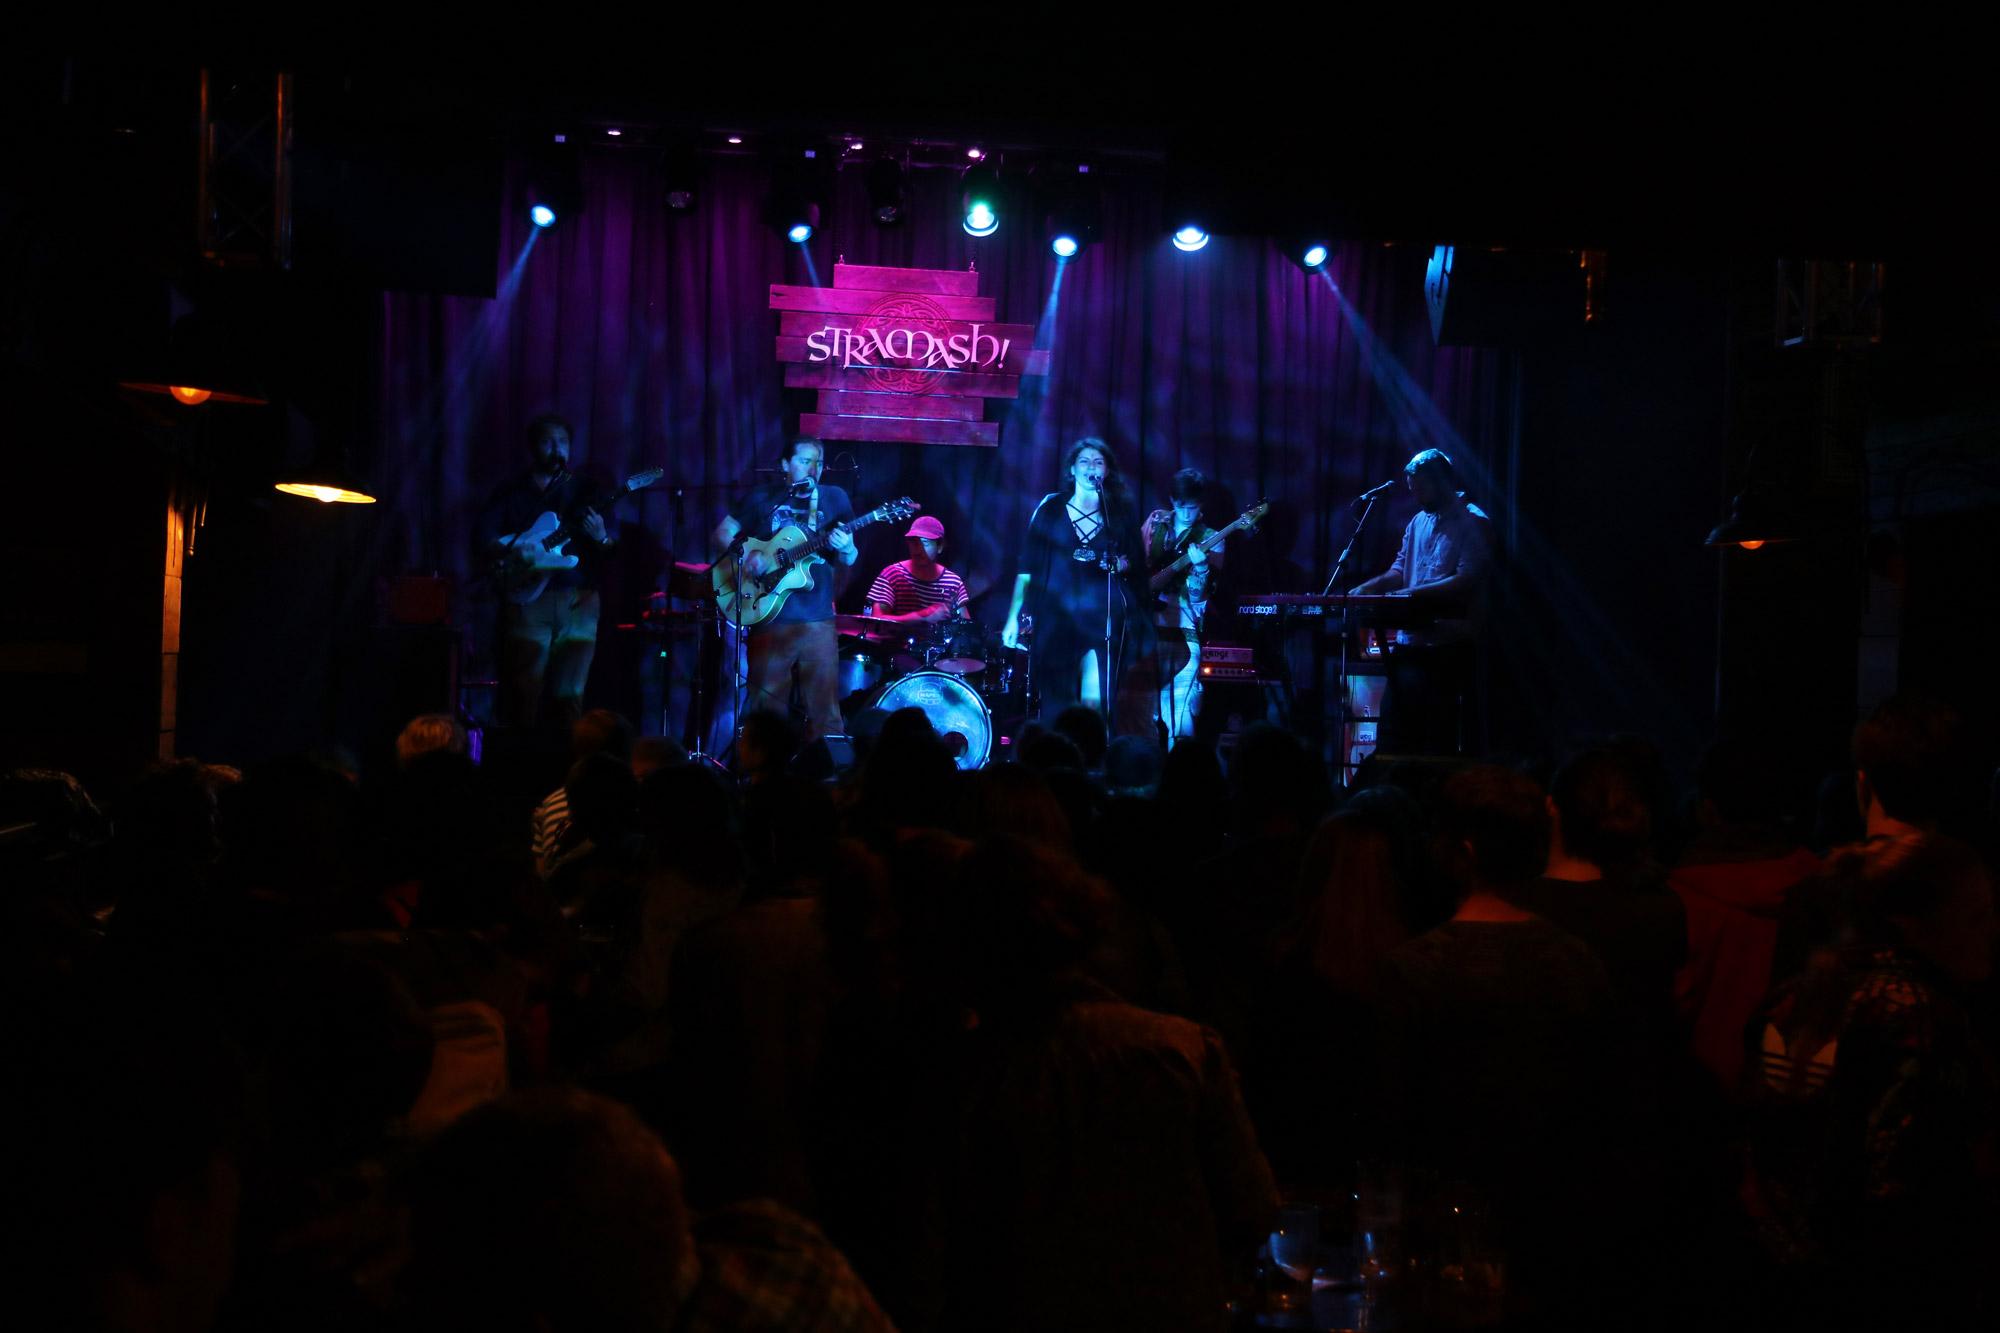 Mannenweekend Edinburgh - Live muziek